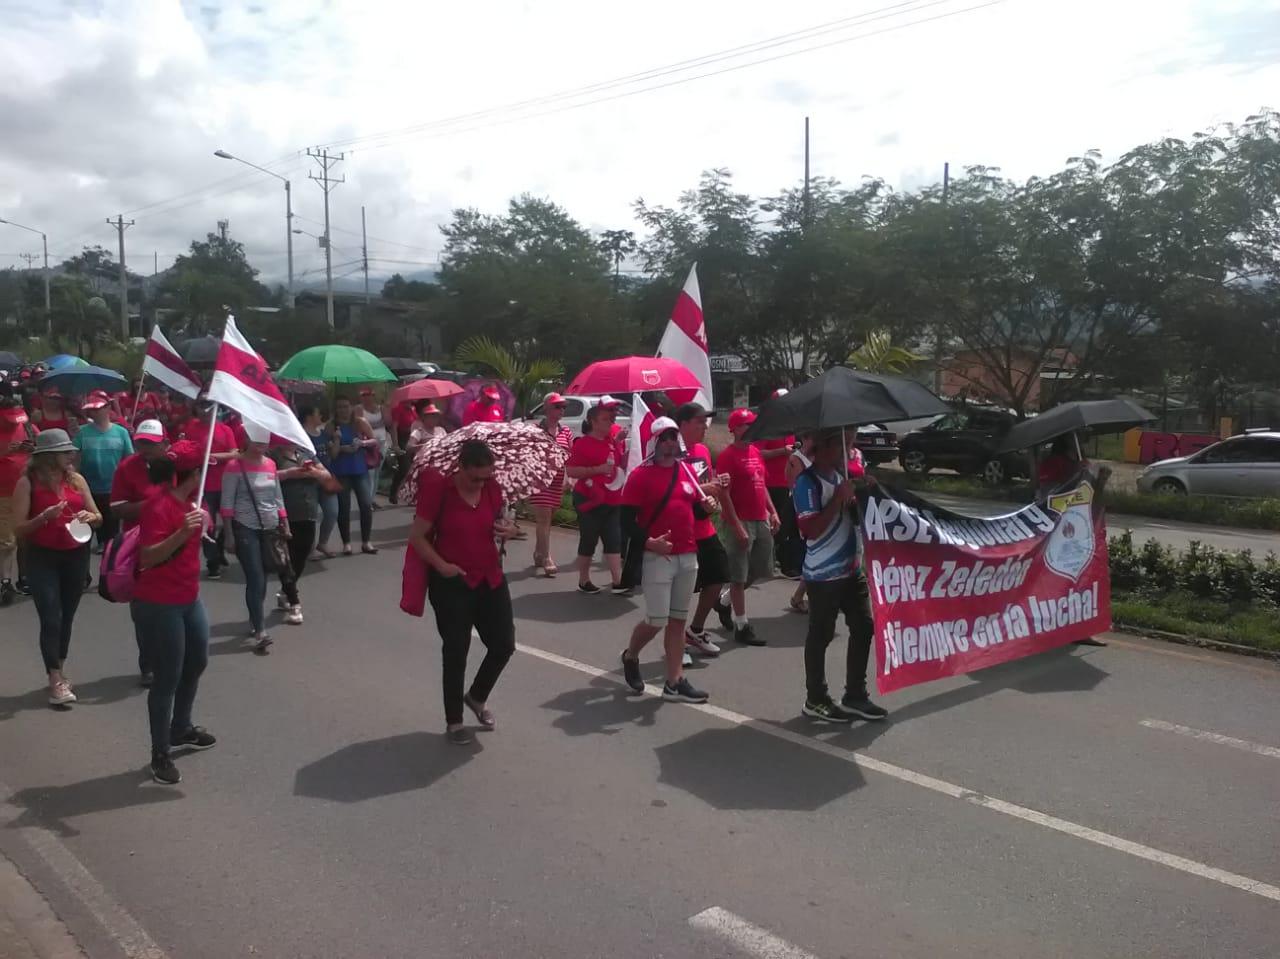 TERCER JORNADA DE HUELGA INTERMITENTE CONVOCADA POR APSE SE DESARROLLA CON ACTIVIDADES REGIONALIZADAS